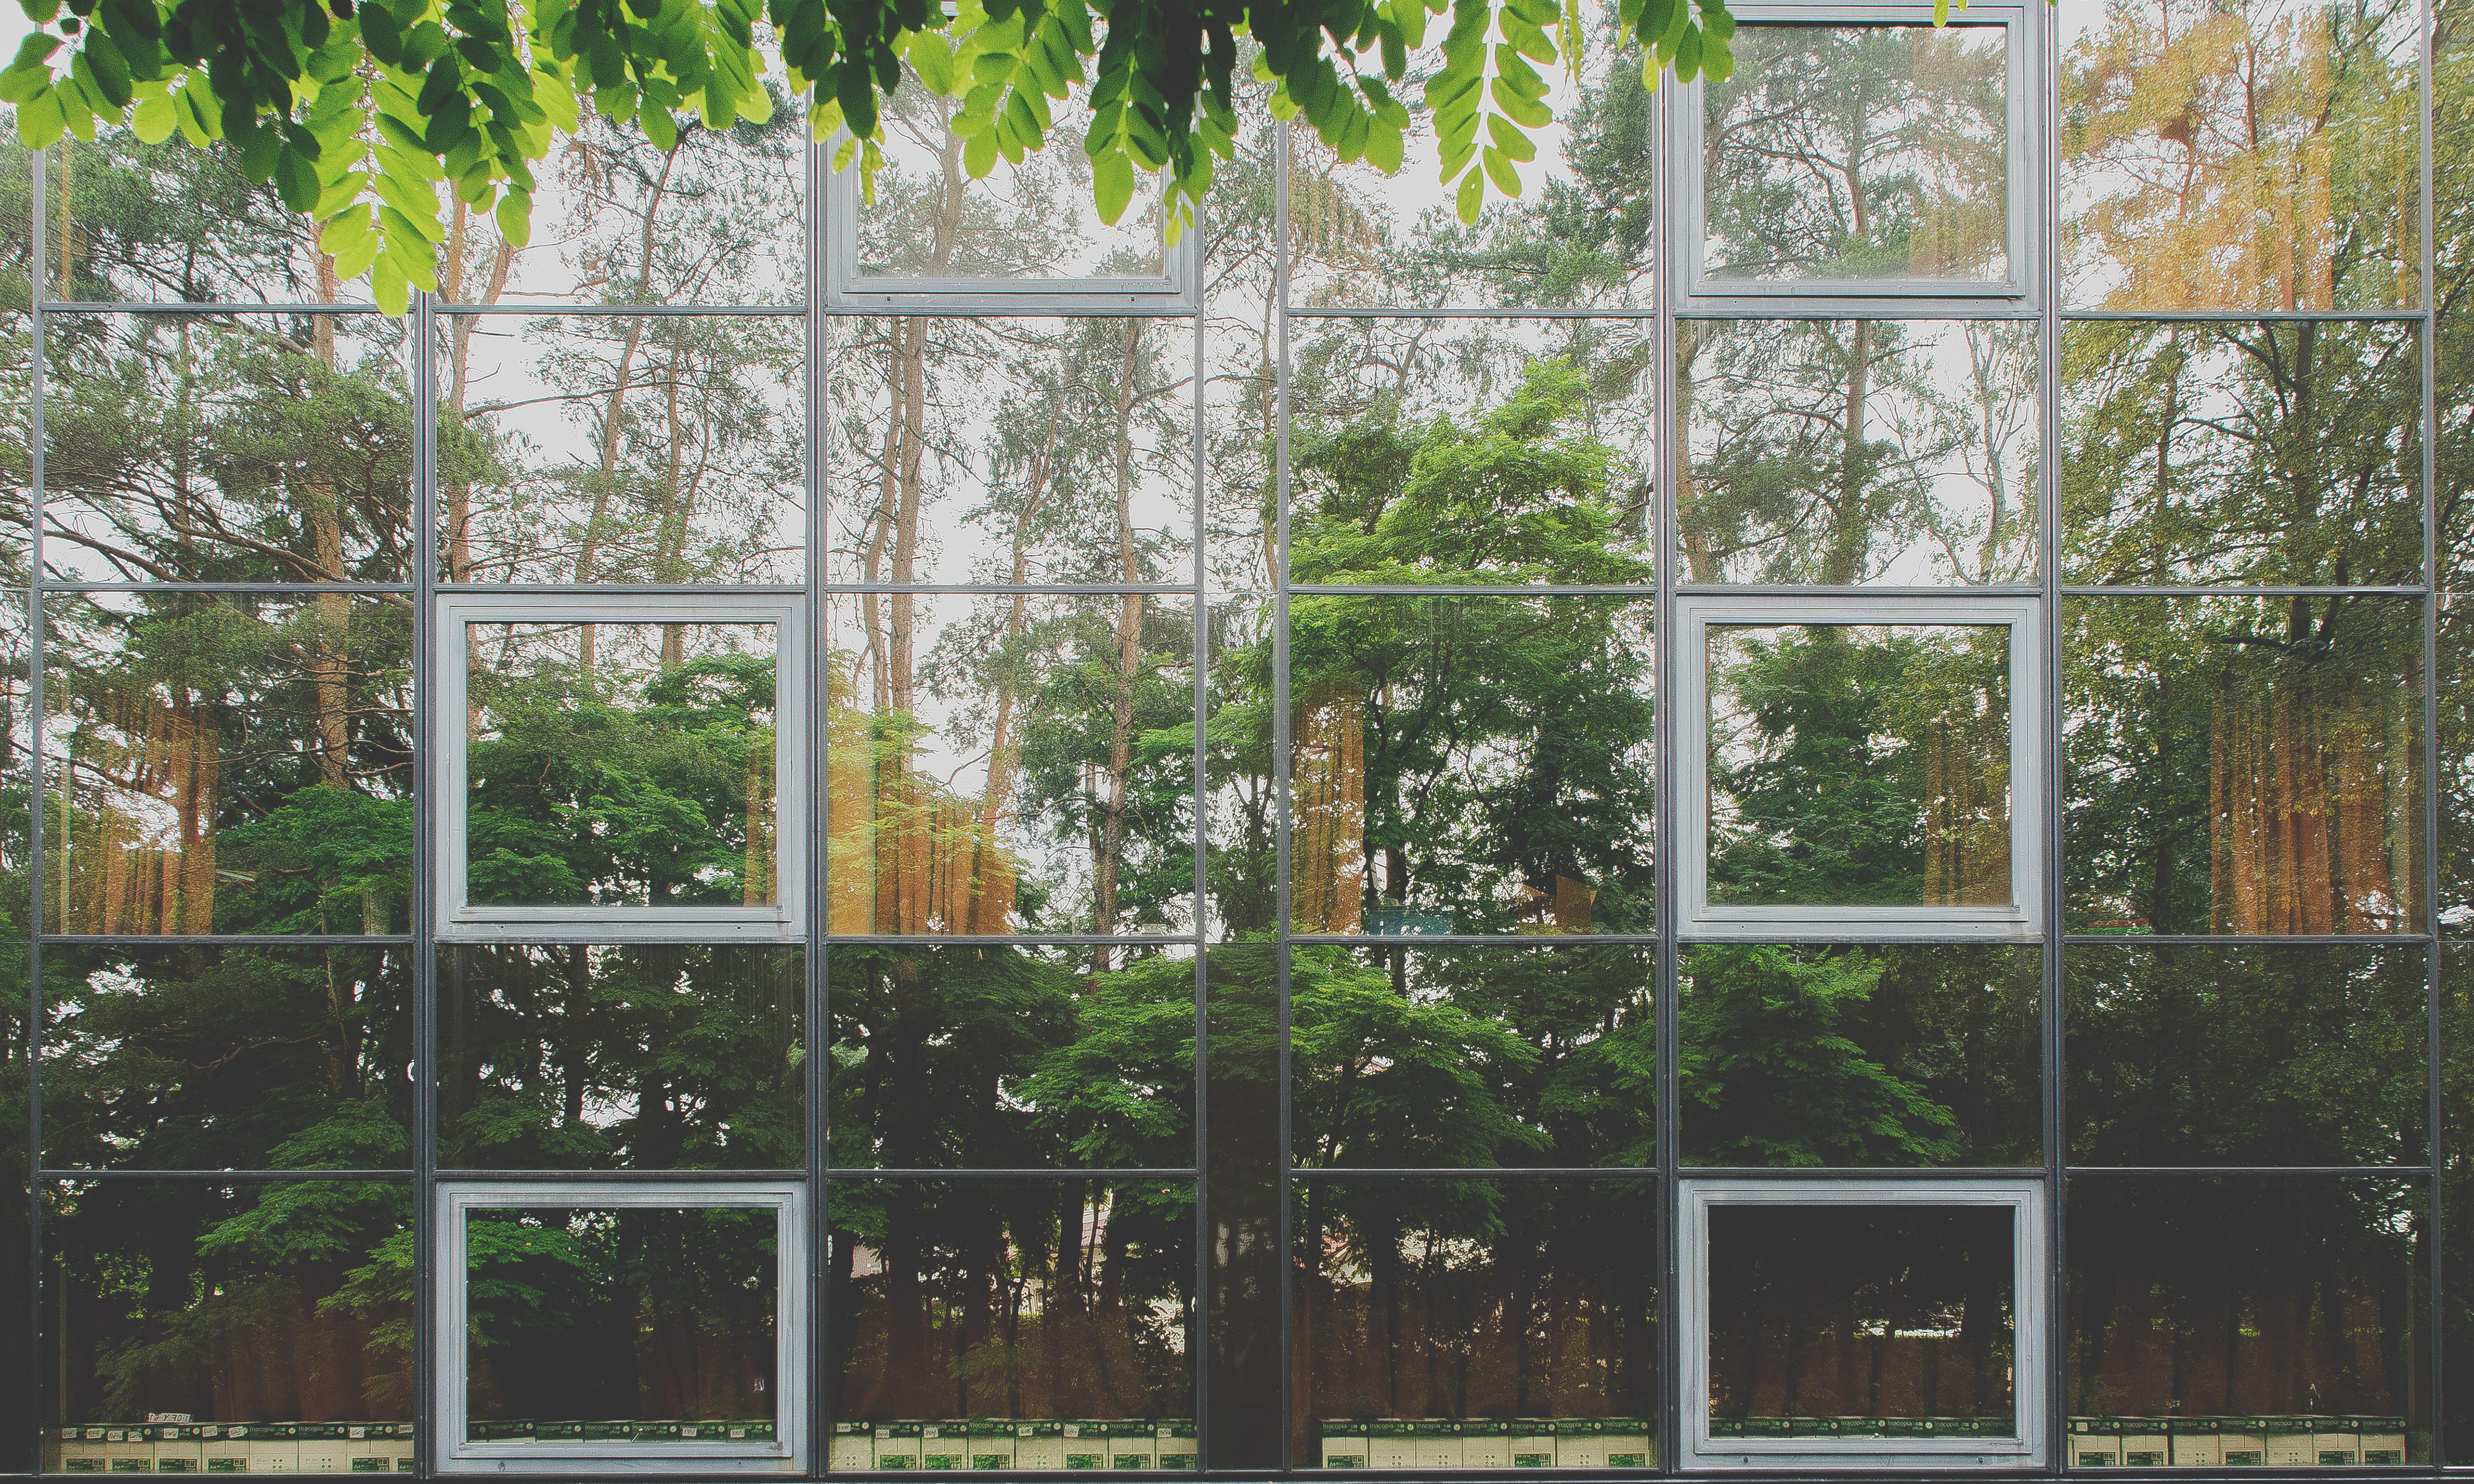 Franky Larousselle – Tussen zicht en zien #1